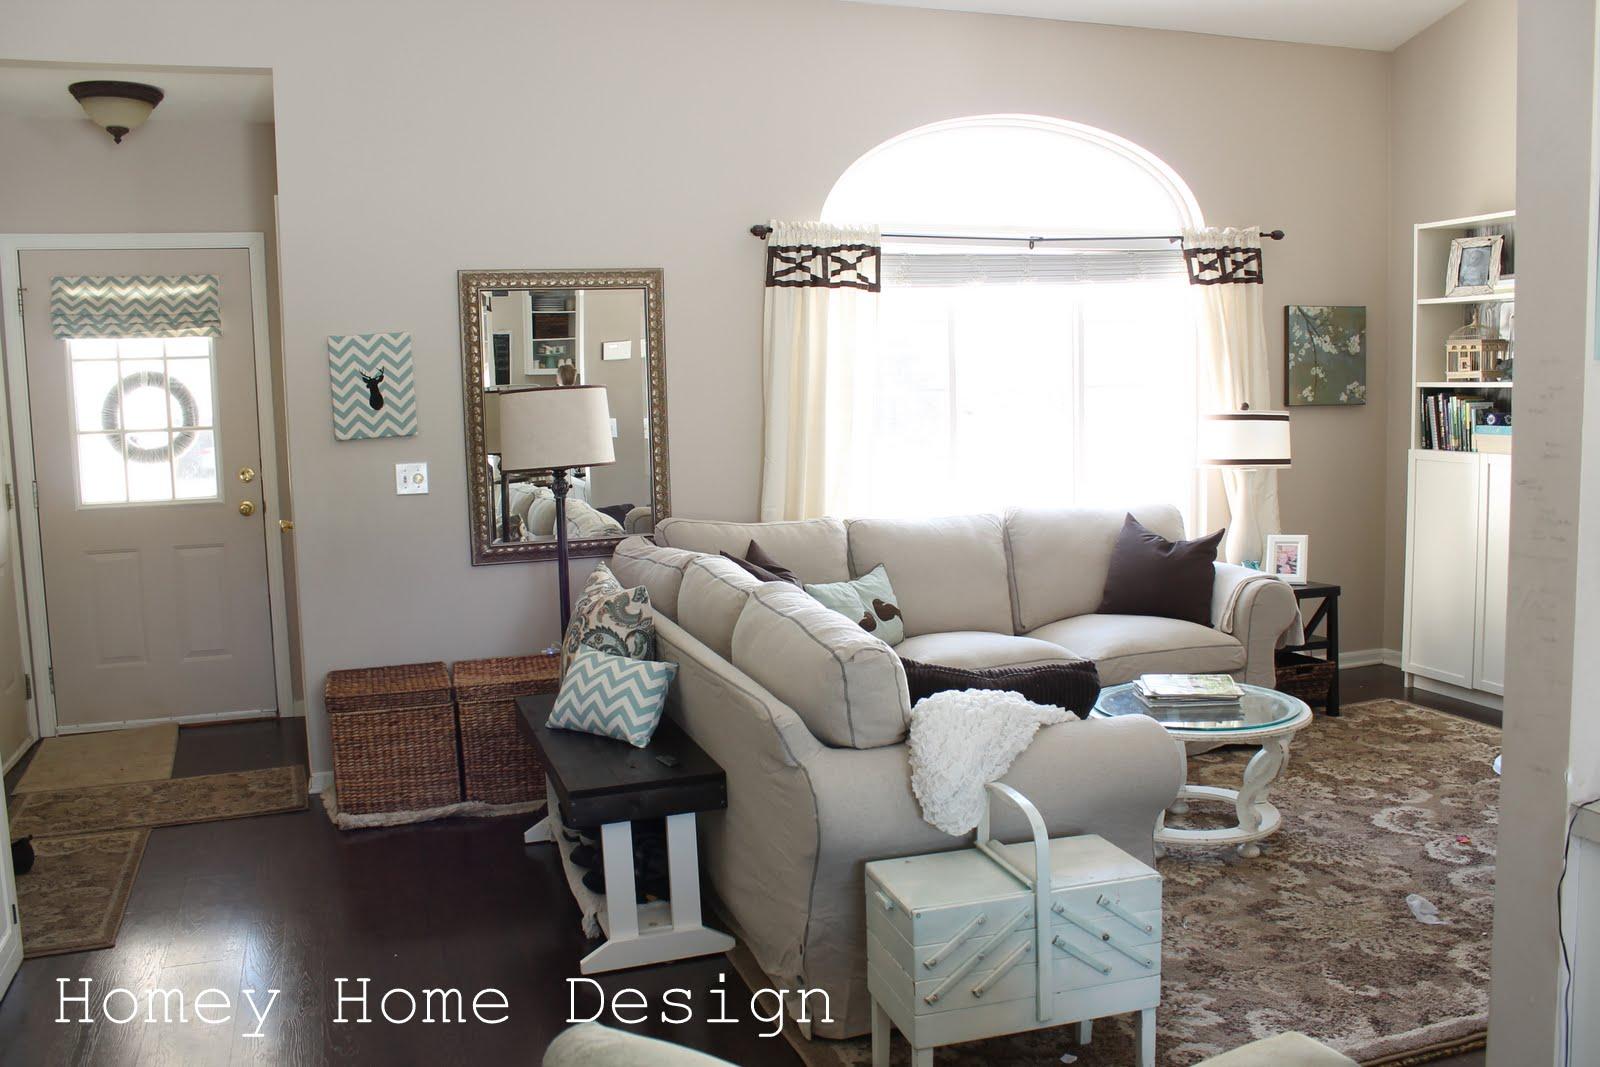 High Quality Homey Home Design